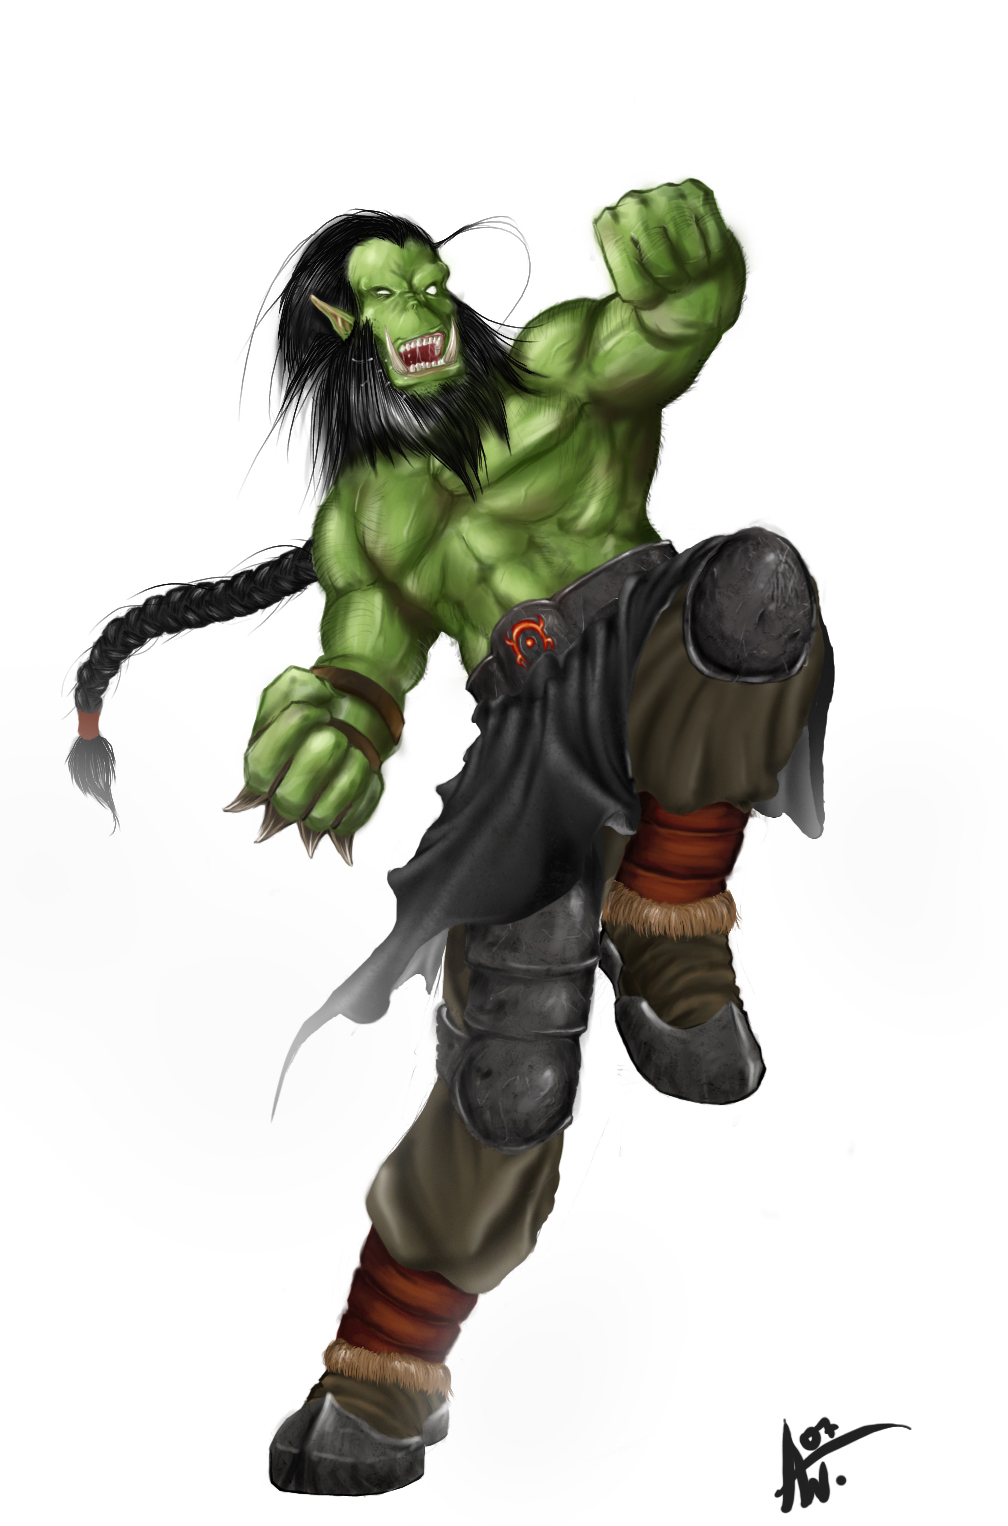 Warcraft Orc Warrior By Adrian W On Deviantart